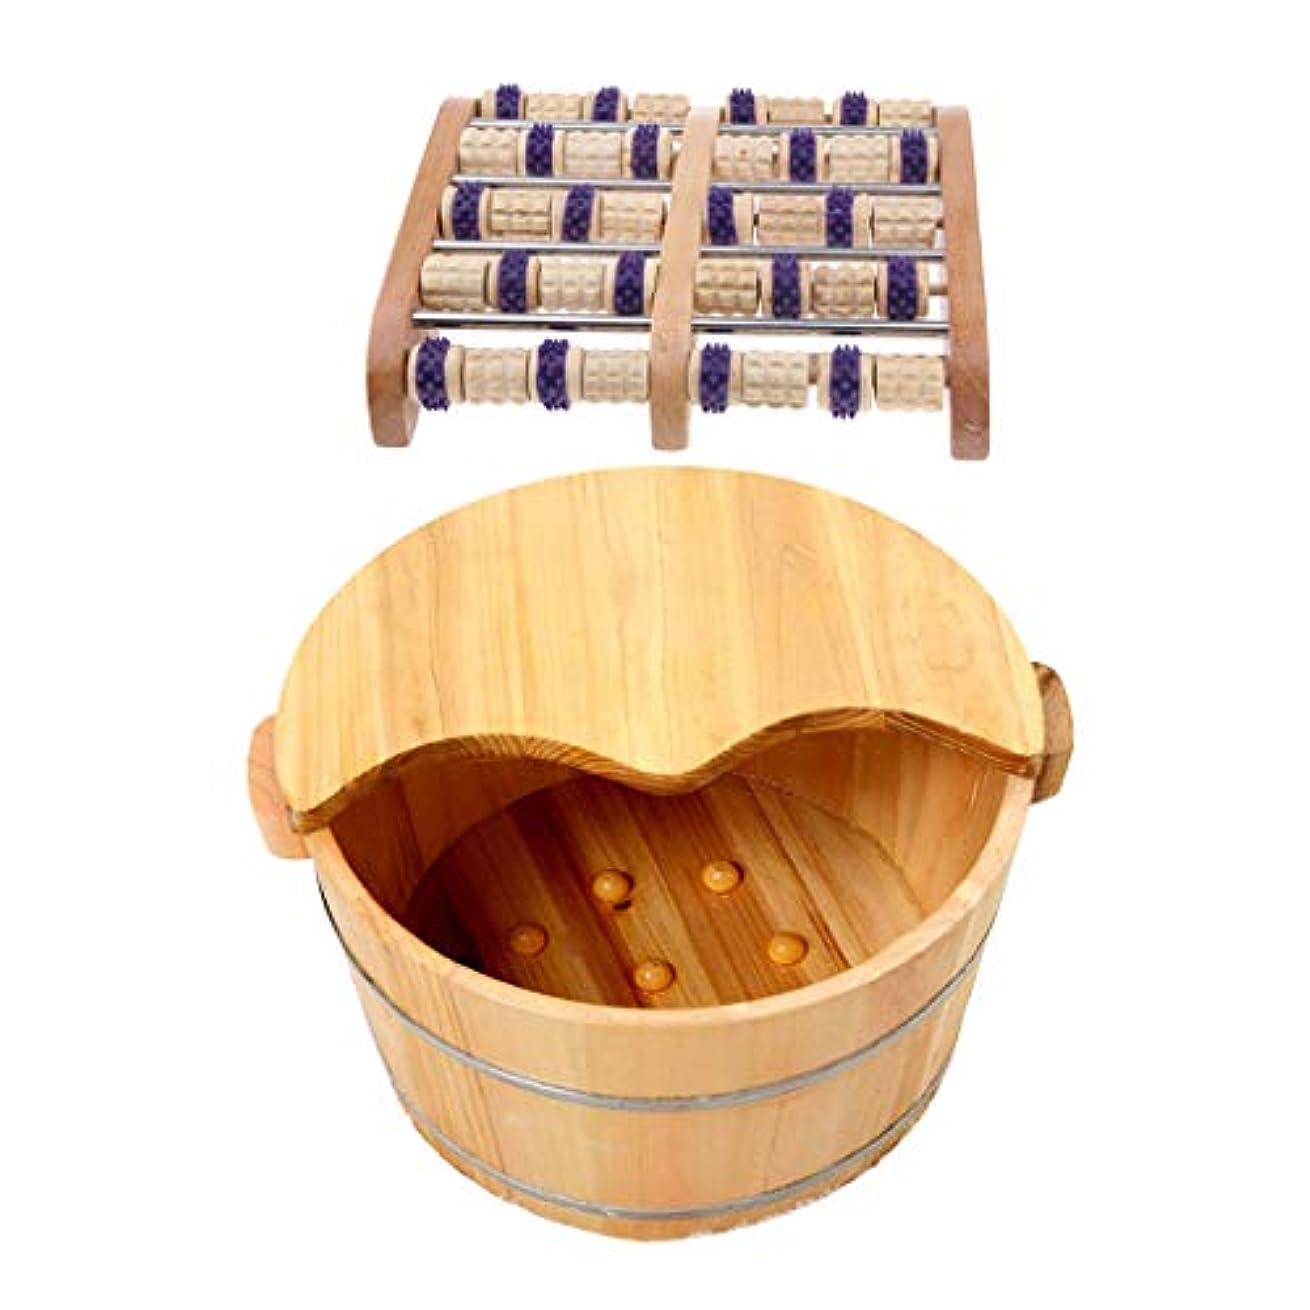 つかの間群がるアレルギーFenteer 足つぼマッサージ 手作りウッドマッサー フット ローラー 足裏刺激 血行促進 木製の足の洗面台付き